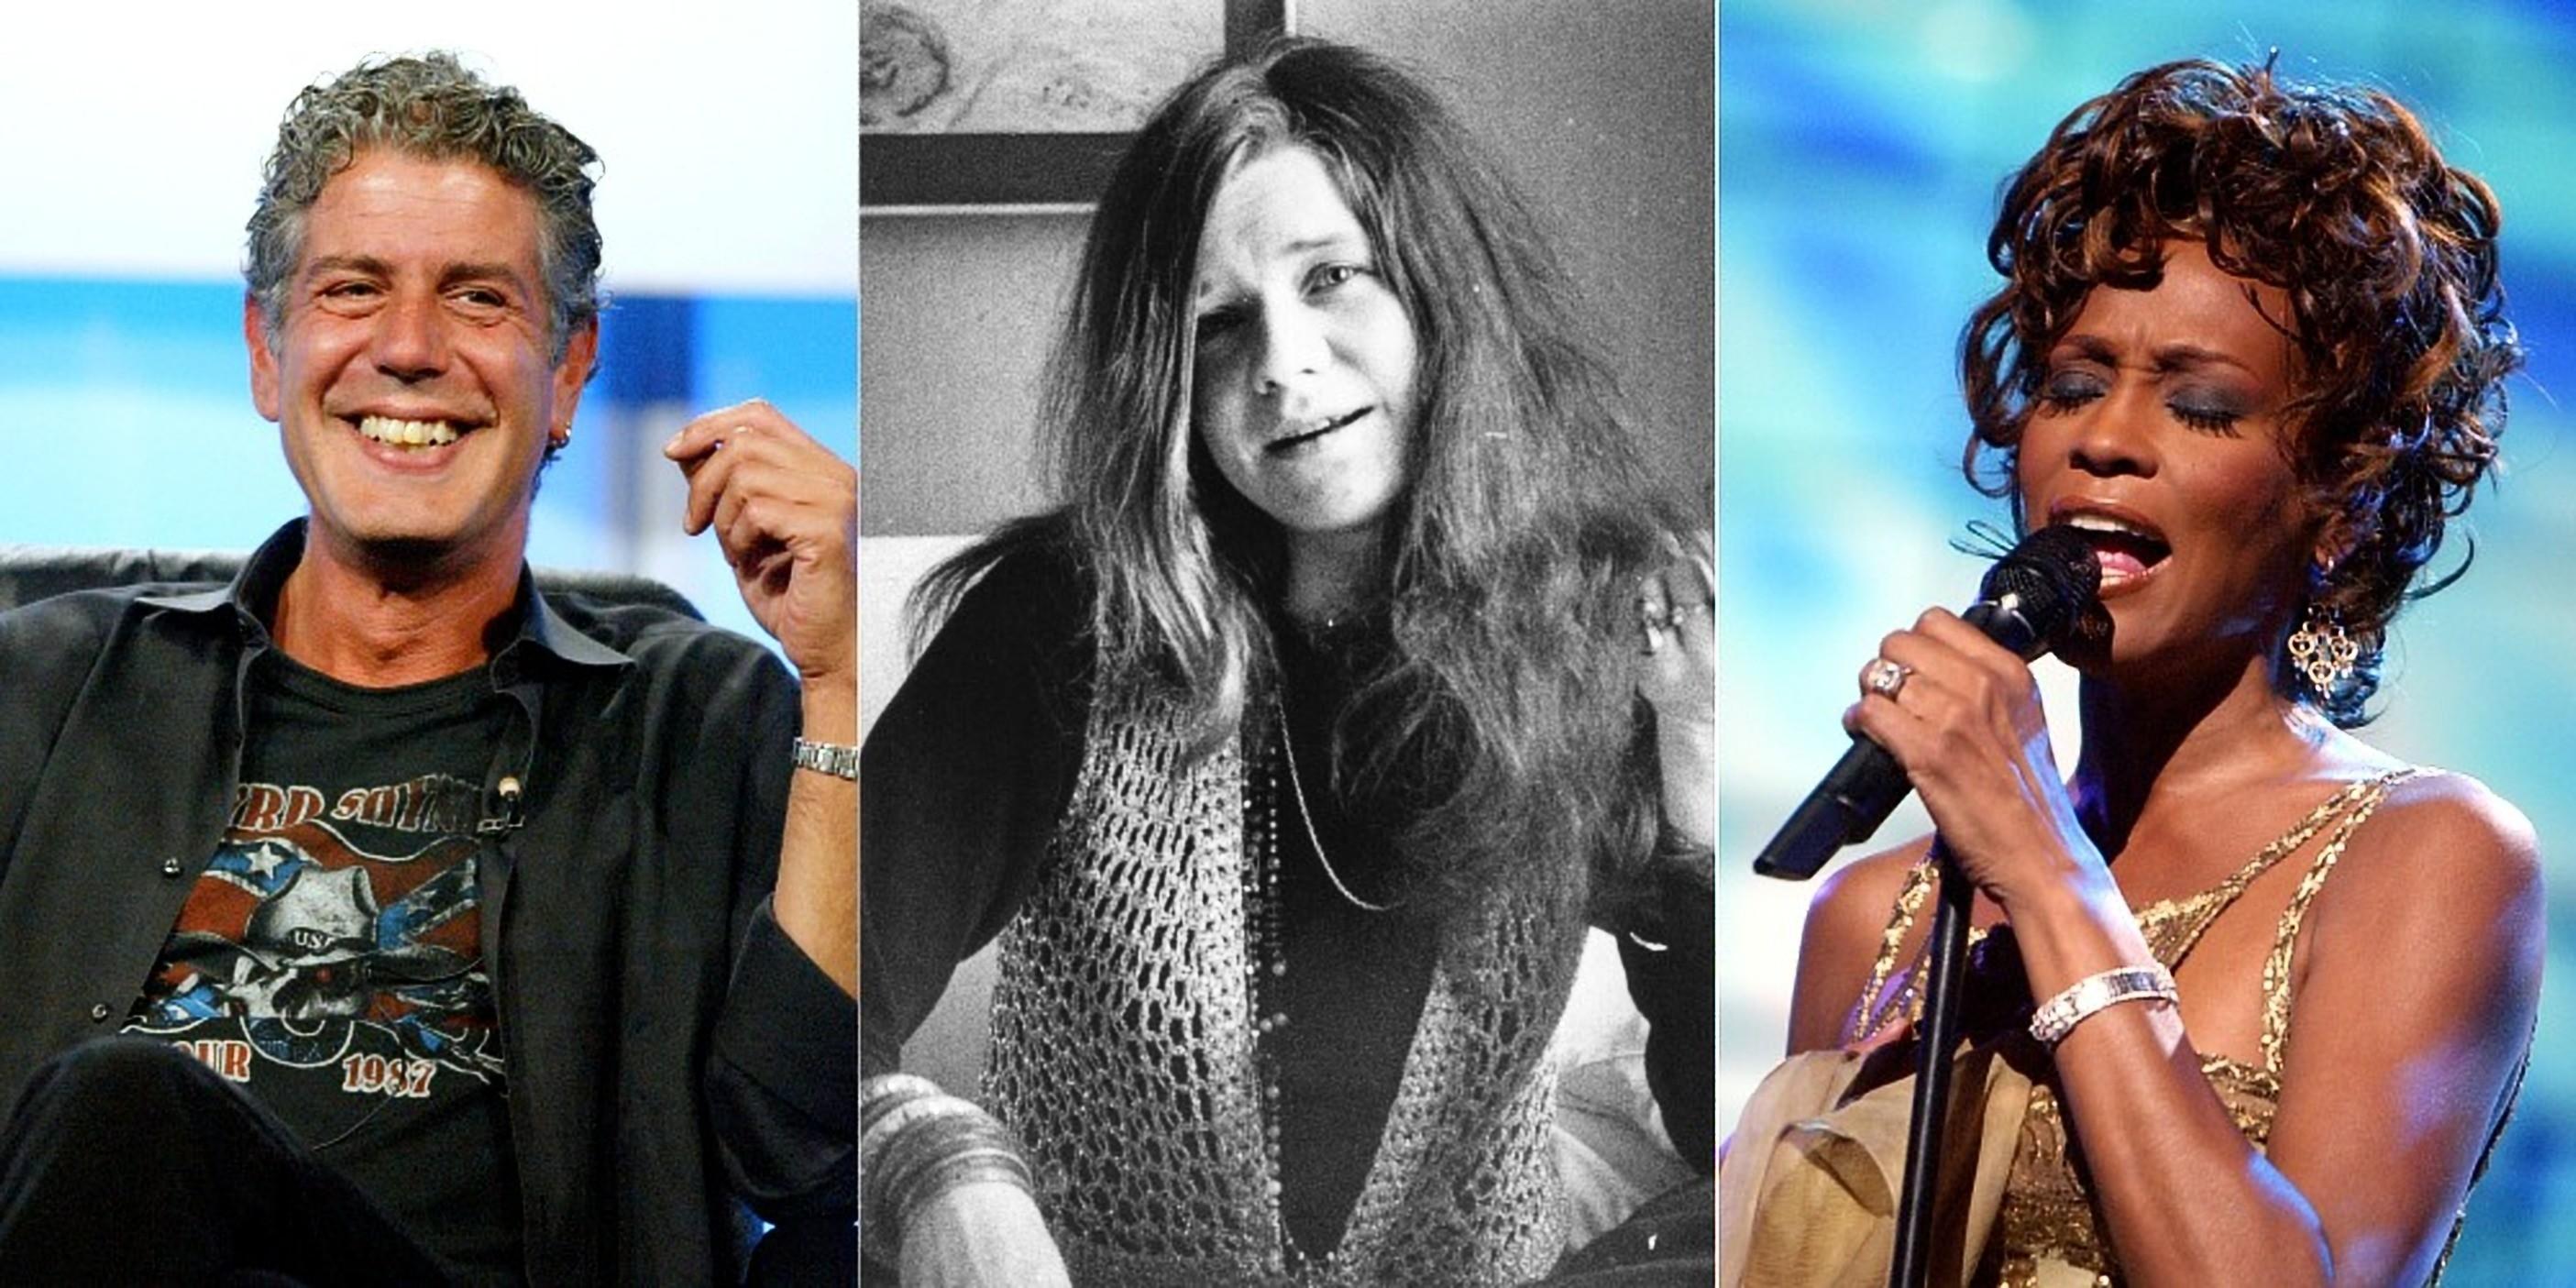 Kand svensk musiker hittad dod